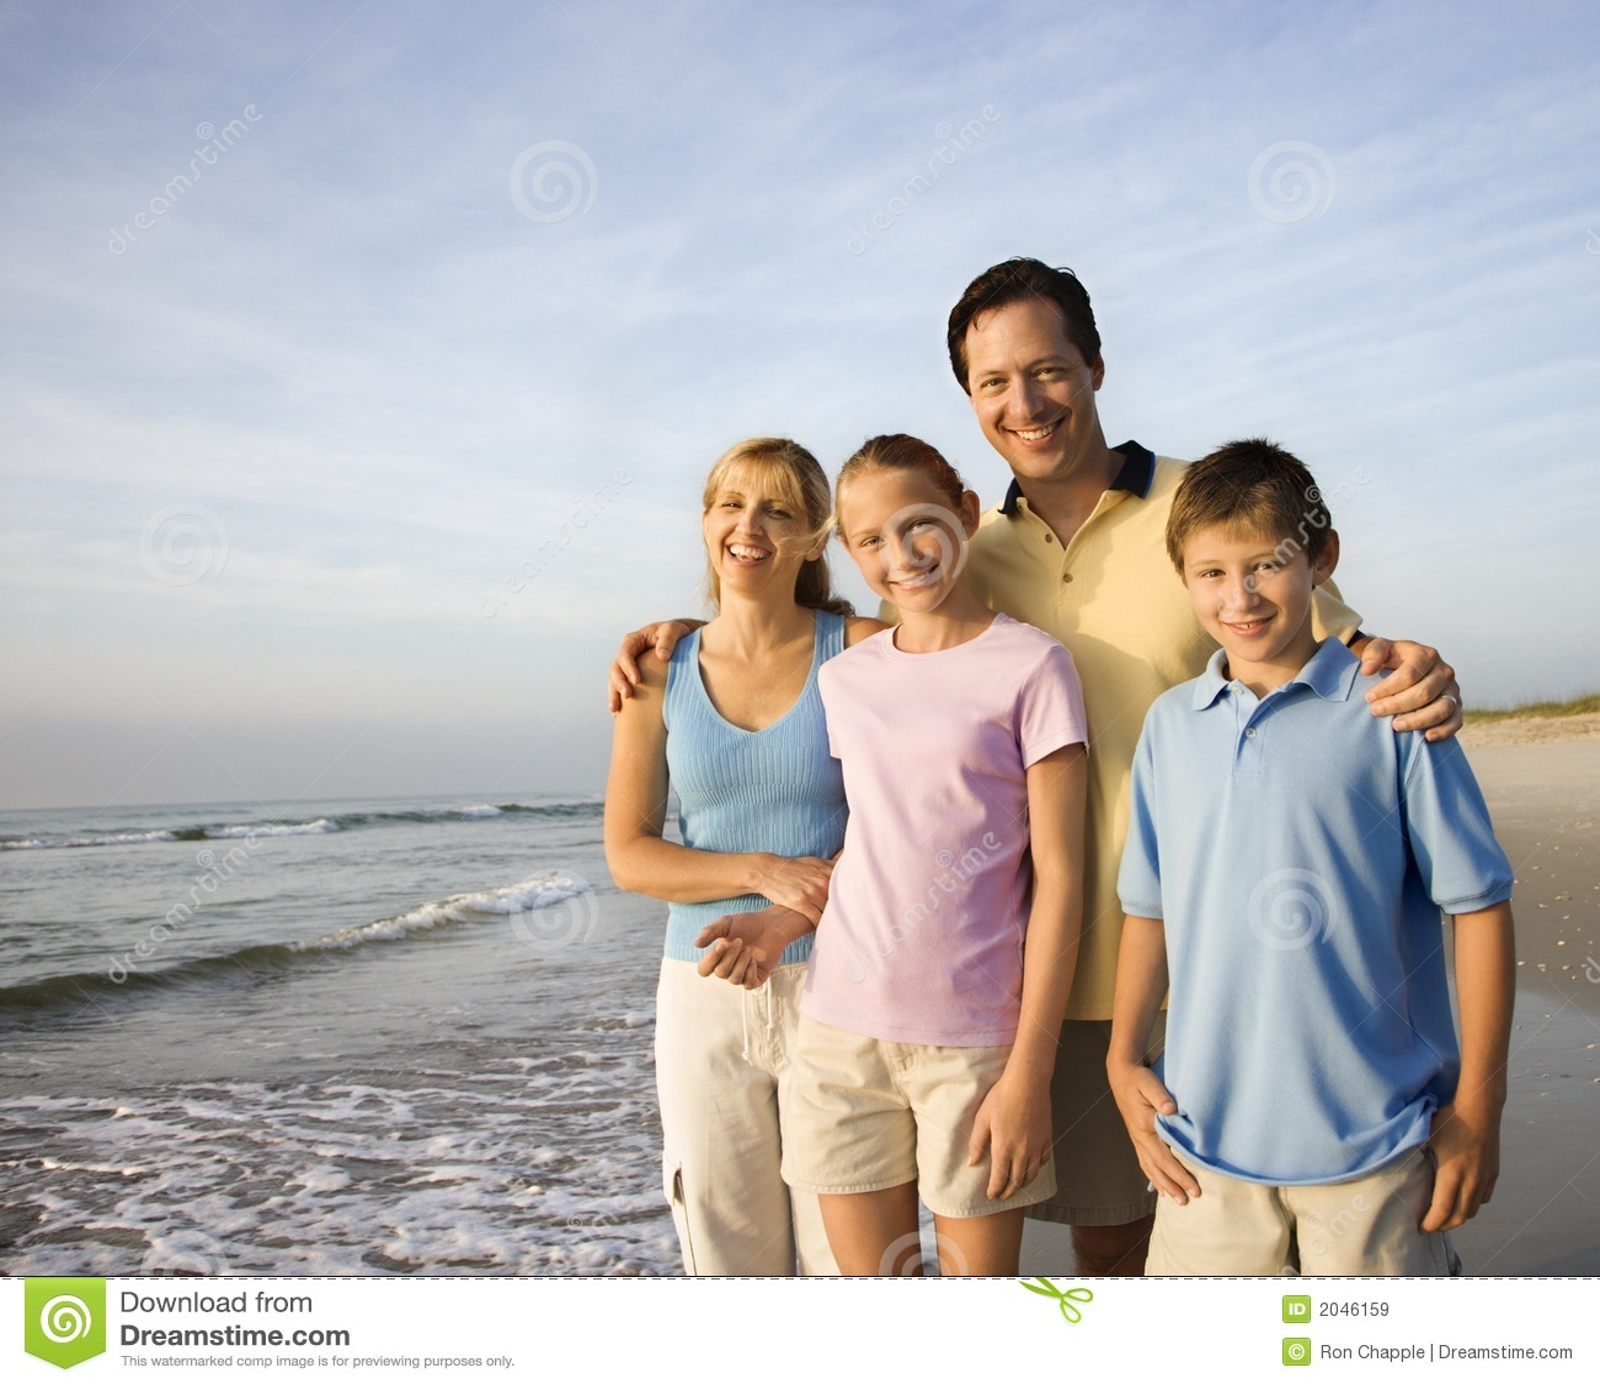 Famille de sourire sur la plage.